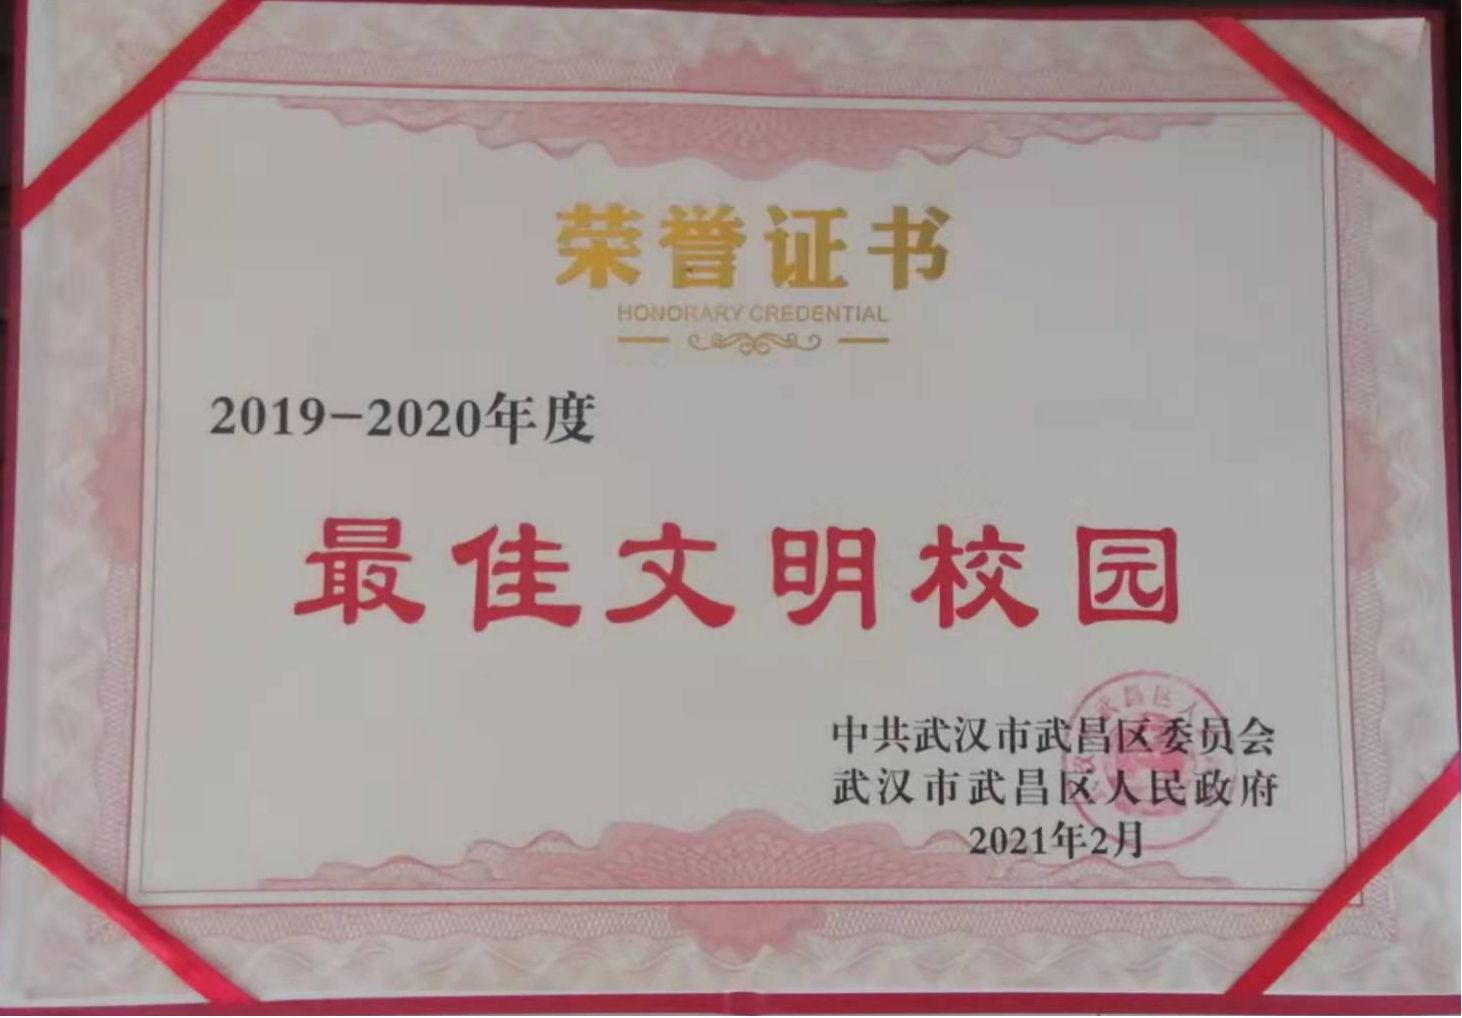 """我院榮獲2019-2020年度武昌區""""最佳文明校園""""稱號"""